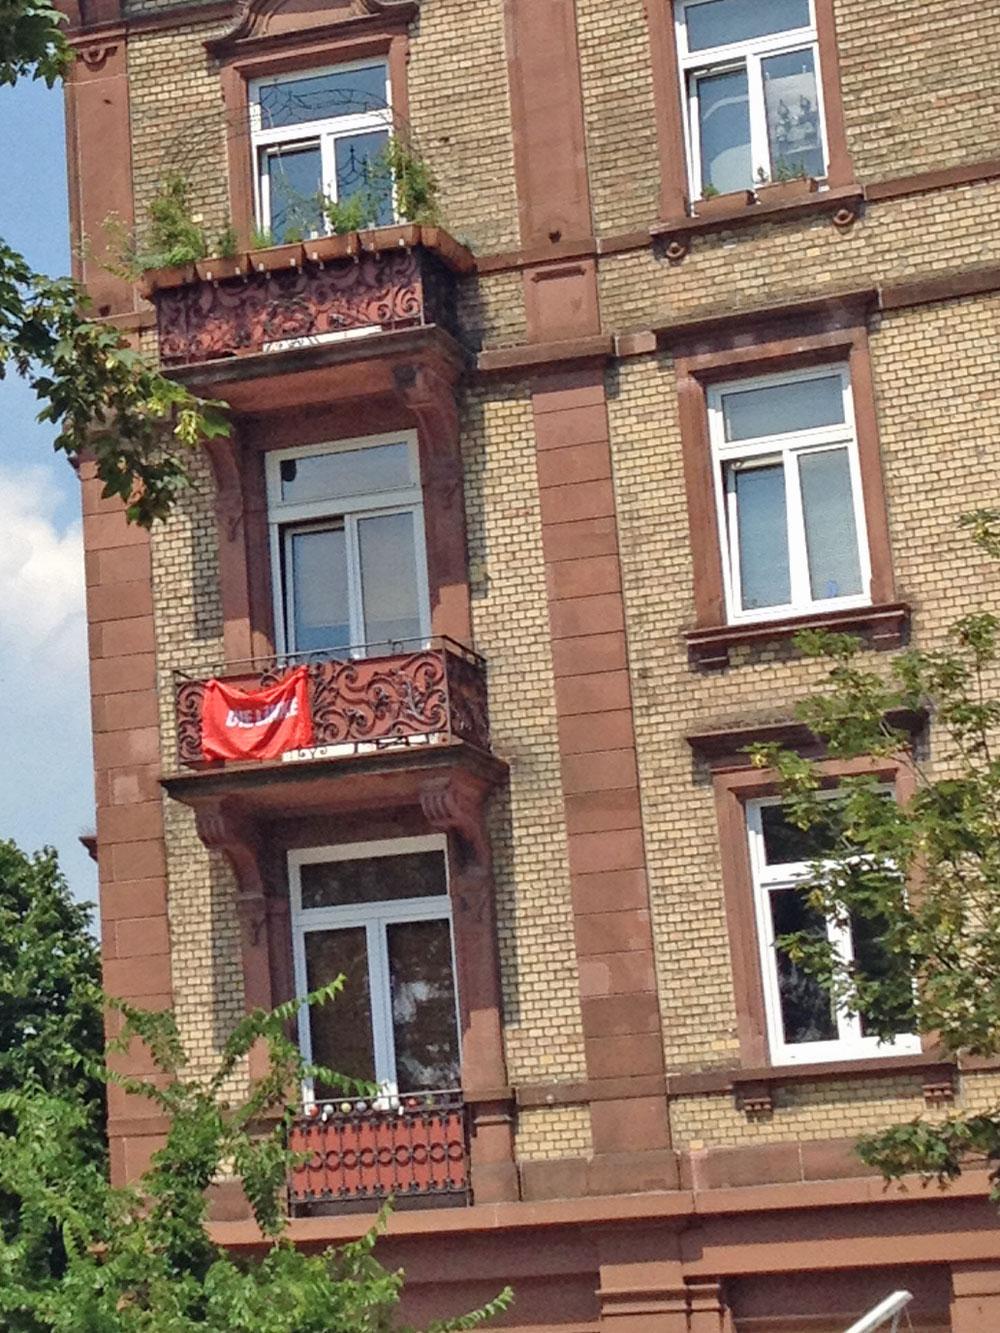 flaggen-am-fenster-in-frankfurt-zur-euro-2016-die-linke